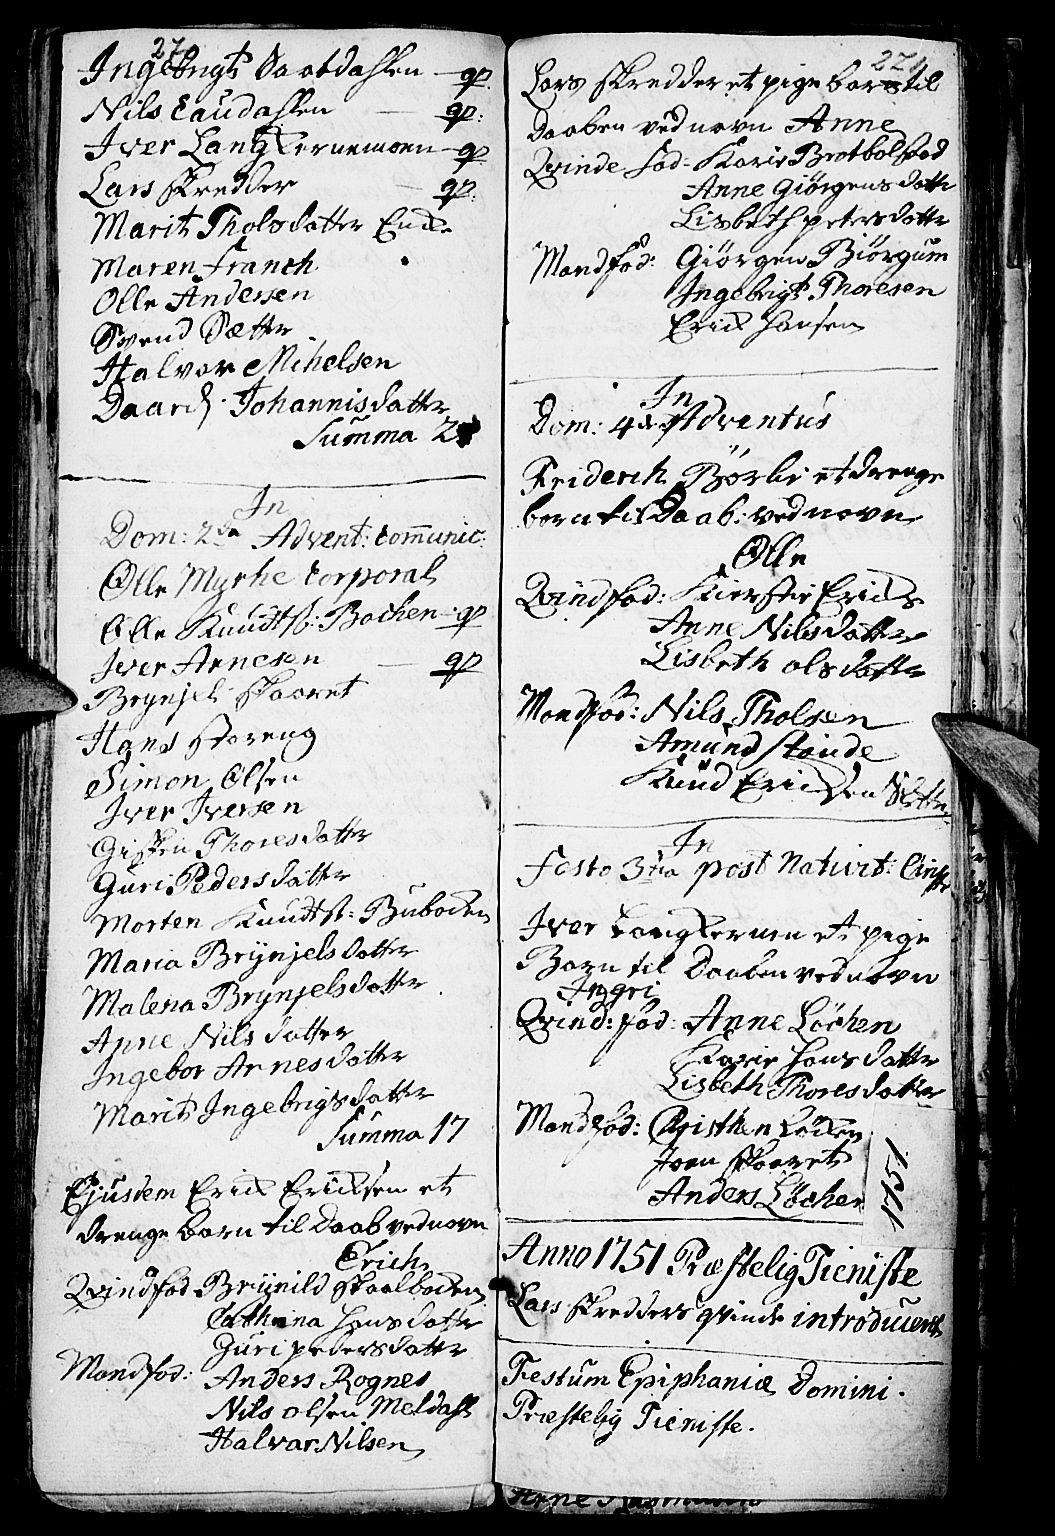 SAH, Kvikne prestekontor, Parish register (official) no. 1, 1740-1756, p. 270-271